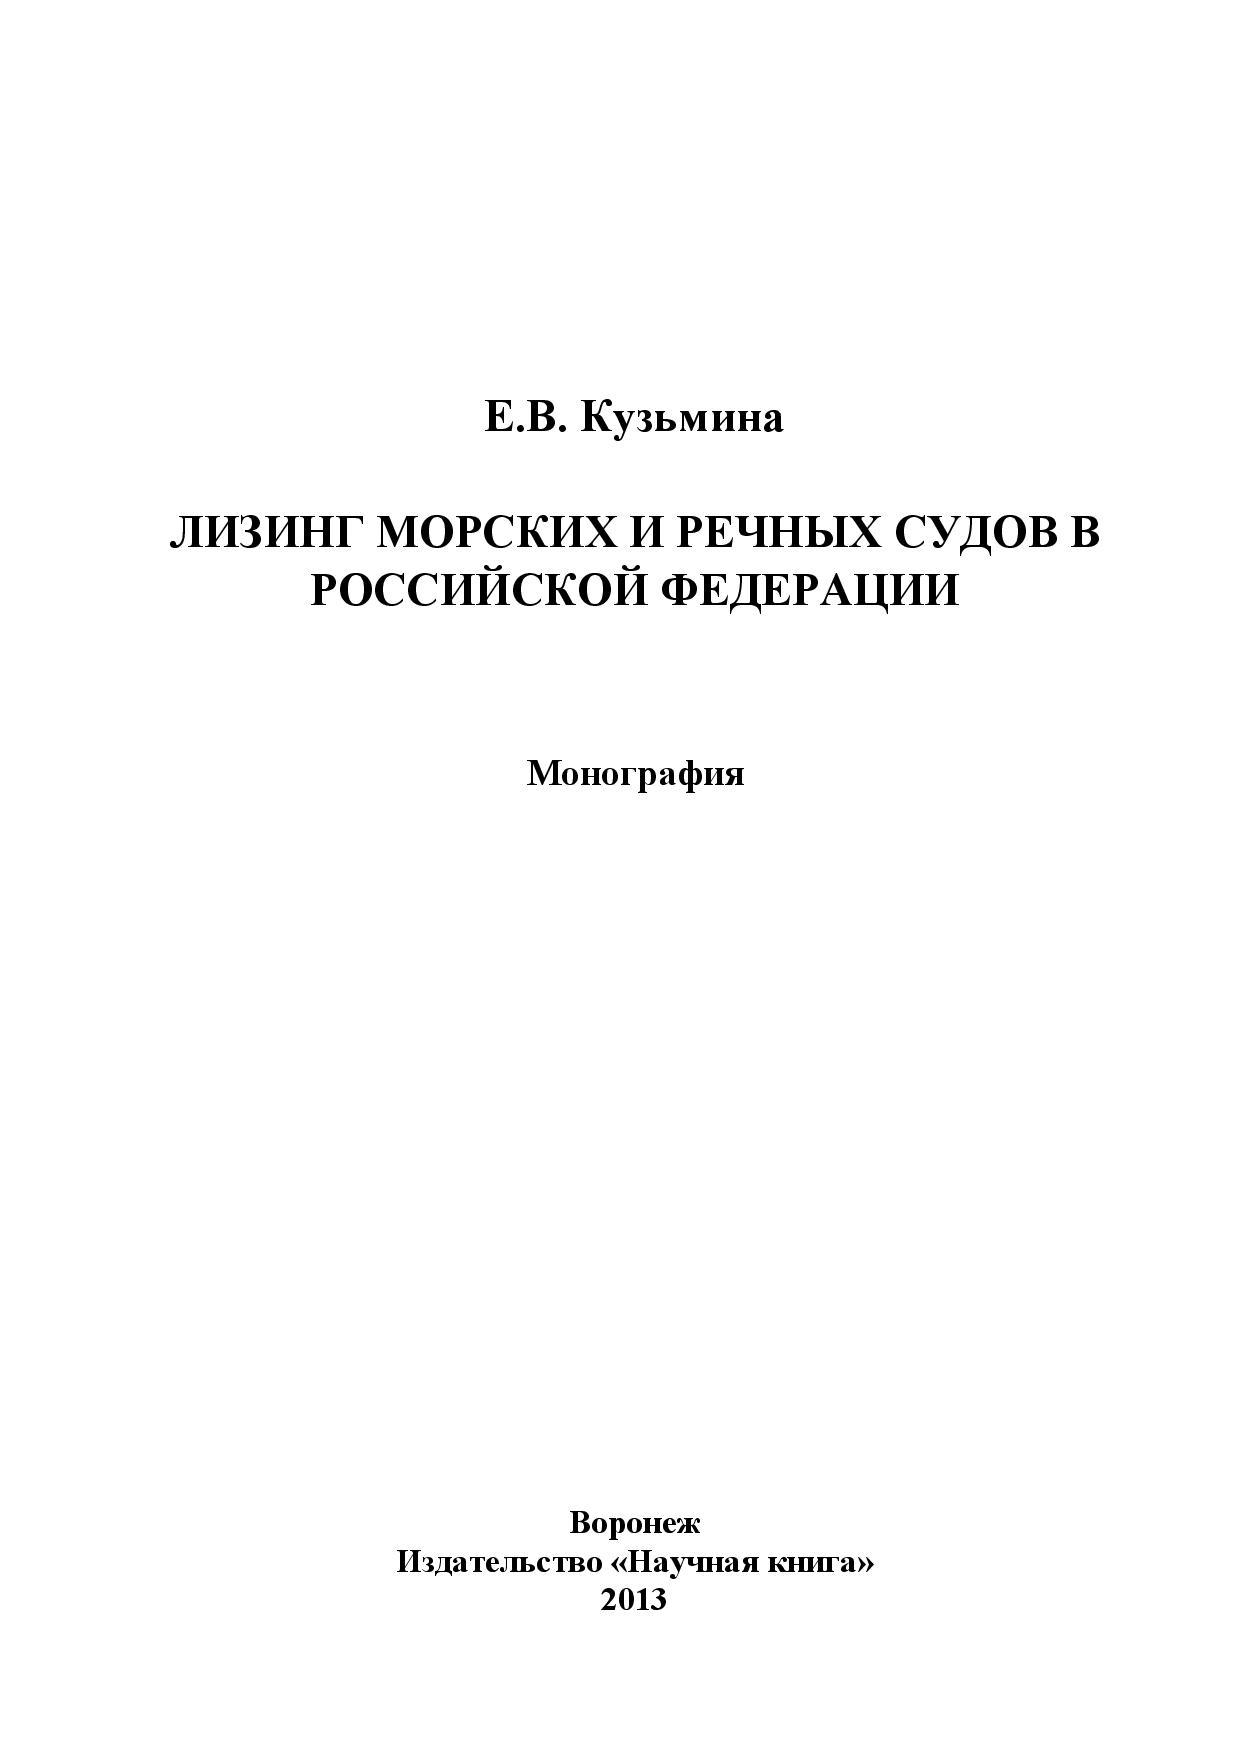 Лизинг морских и речных судов в Российской Федерации